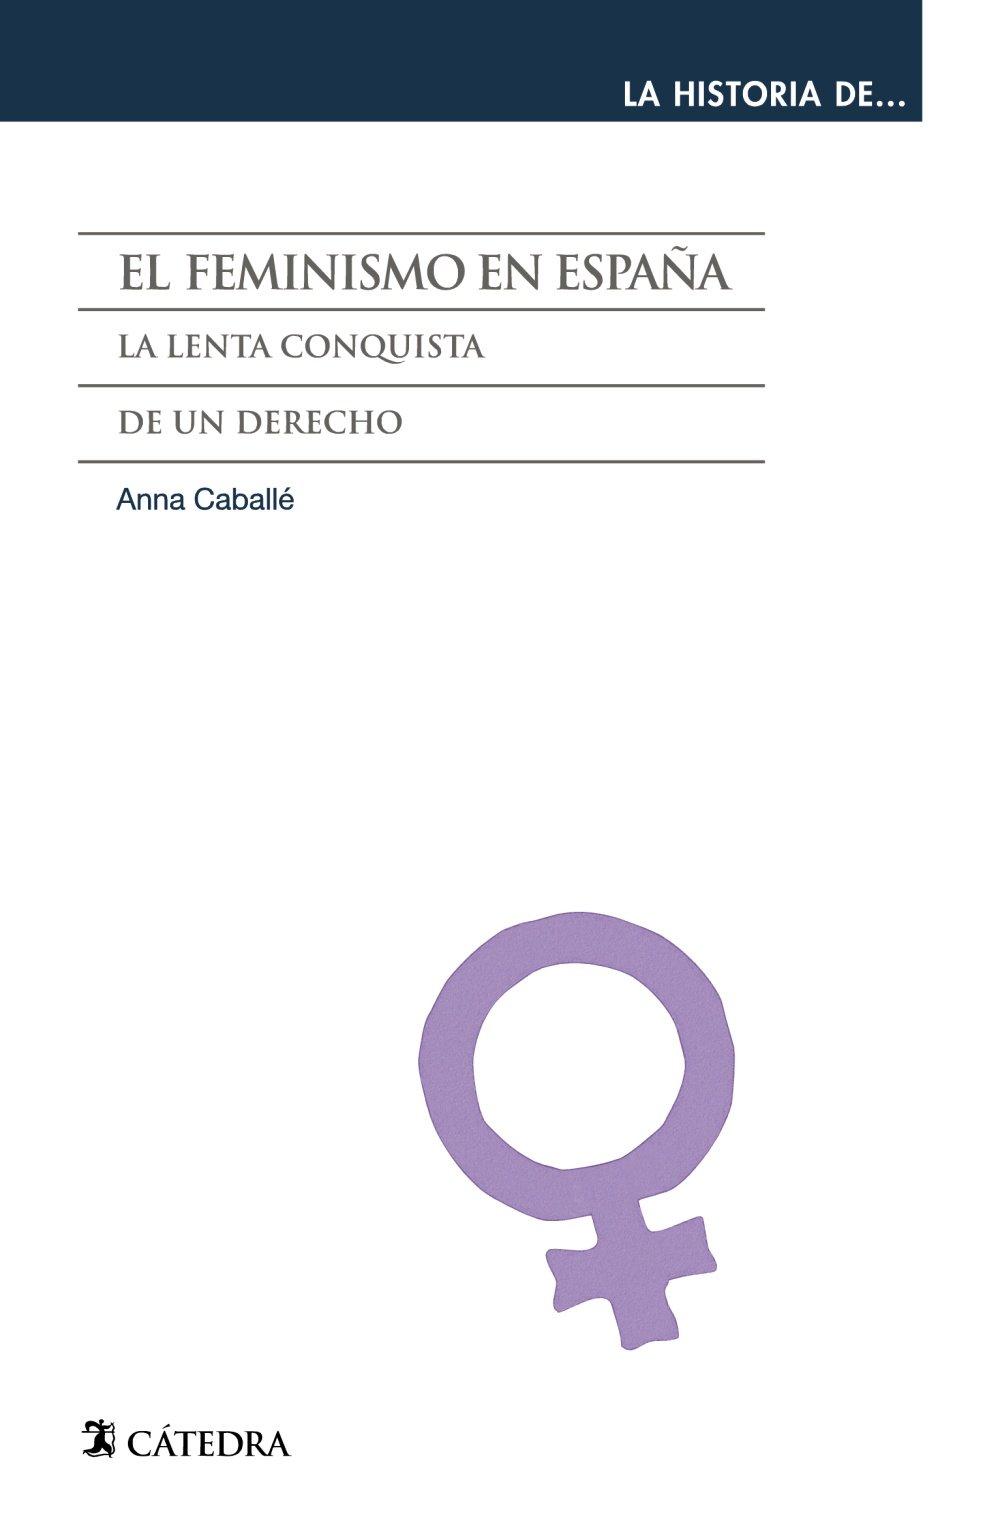 El feminismo en España: La lenta conquista de un derecho La historia de ...: Amazon.es: Caballé, Anna: Libros